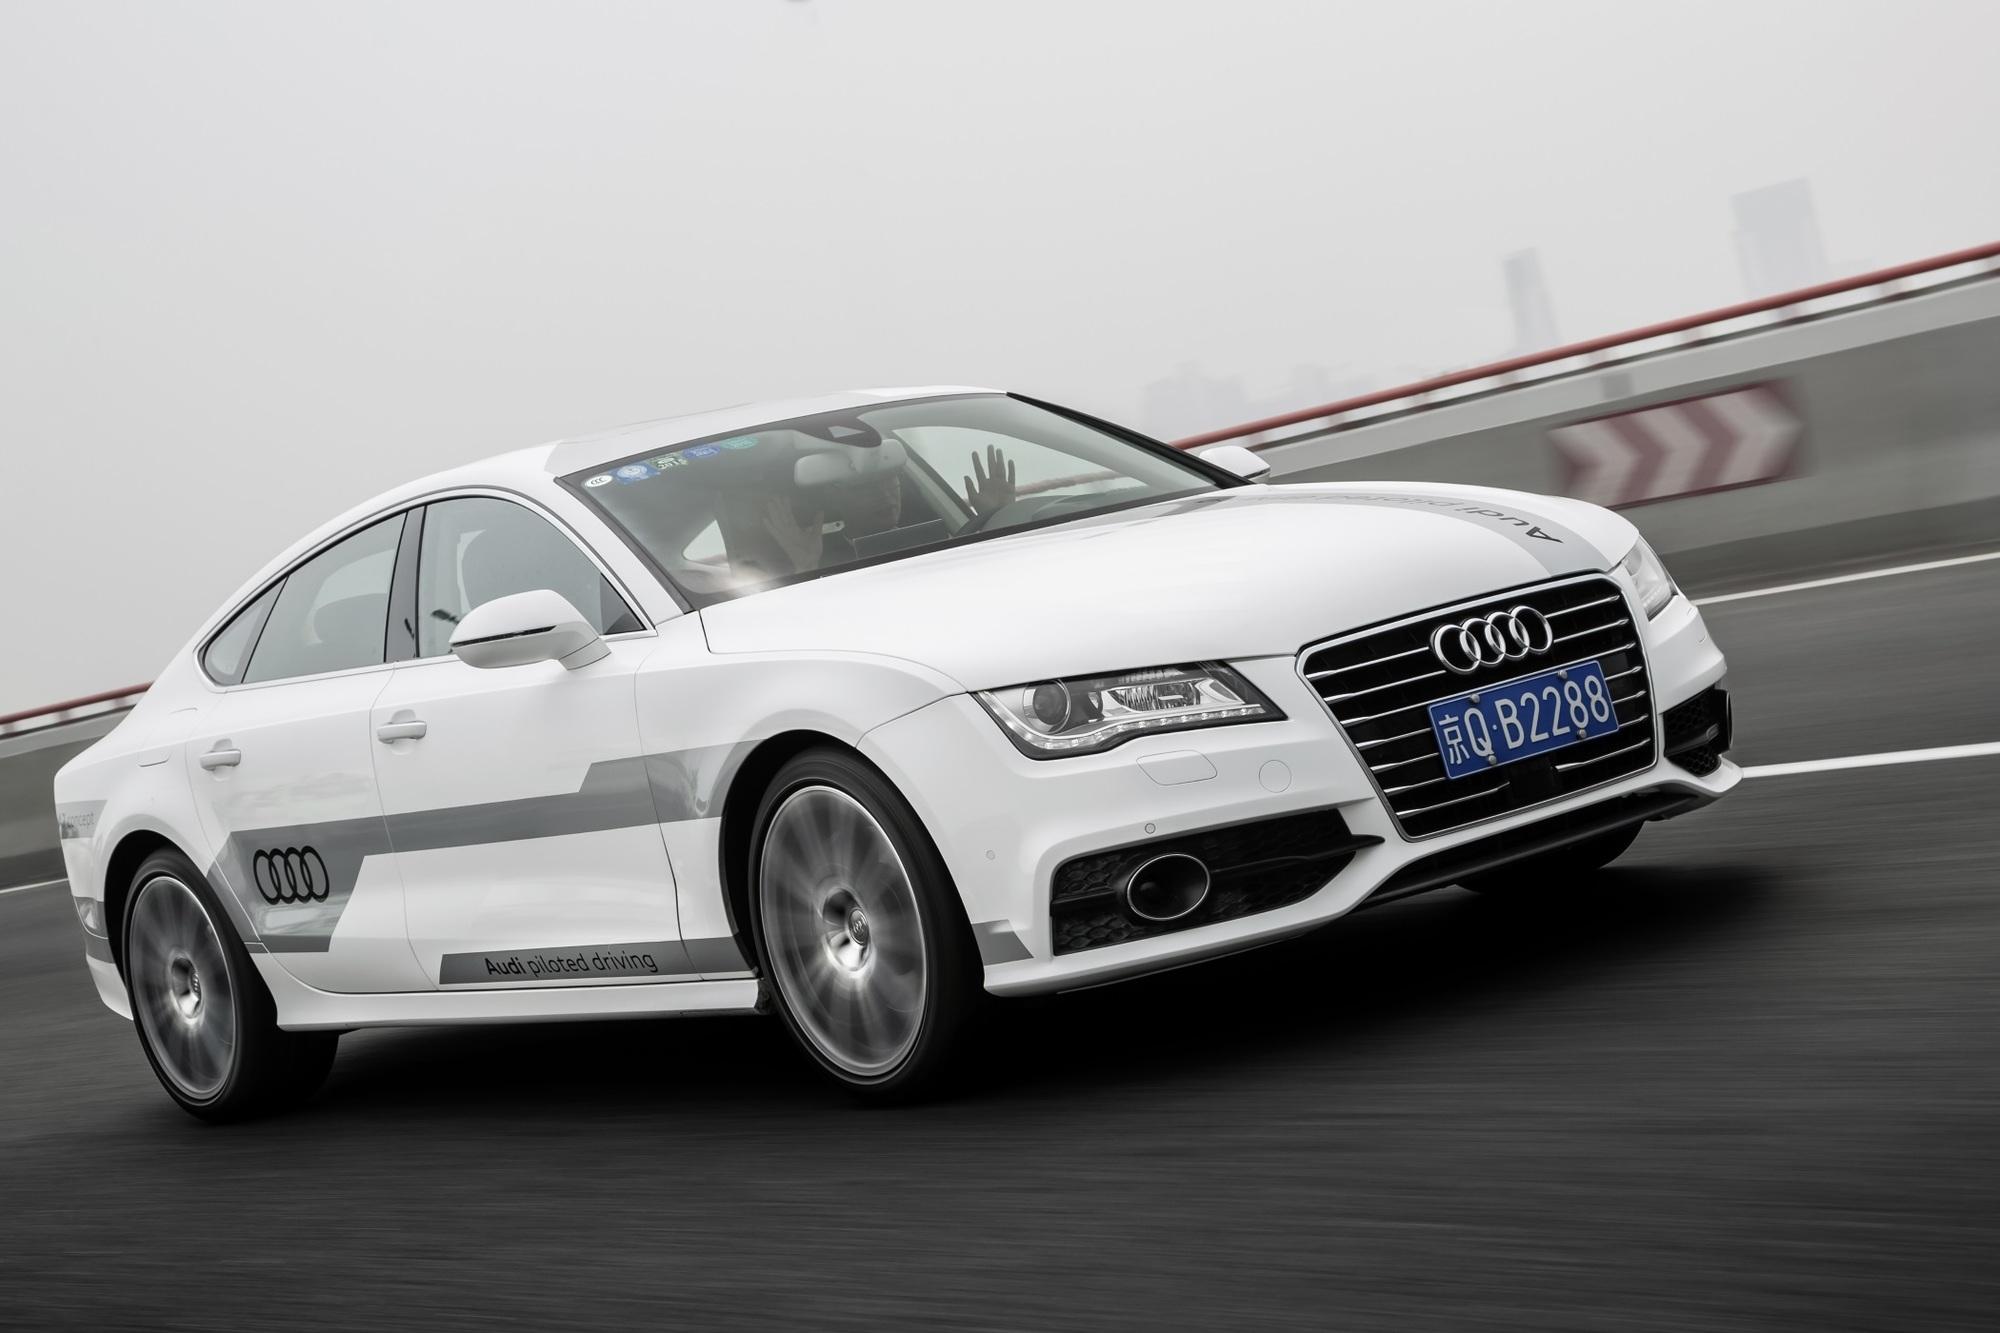 Audi lässt auch in China die Elektronik ans Steuer - Selber fahren war gestern